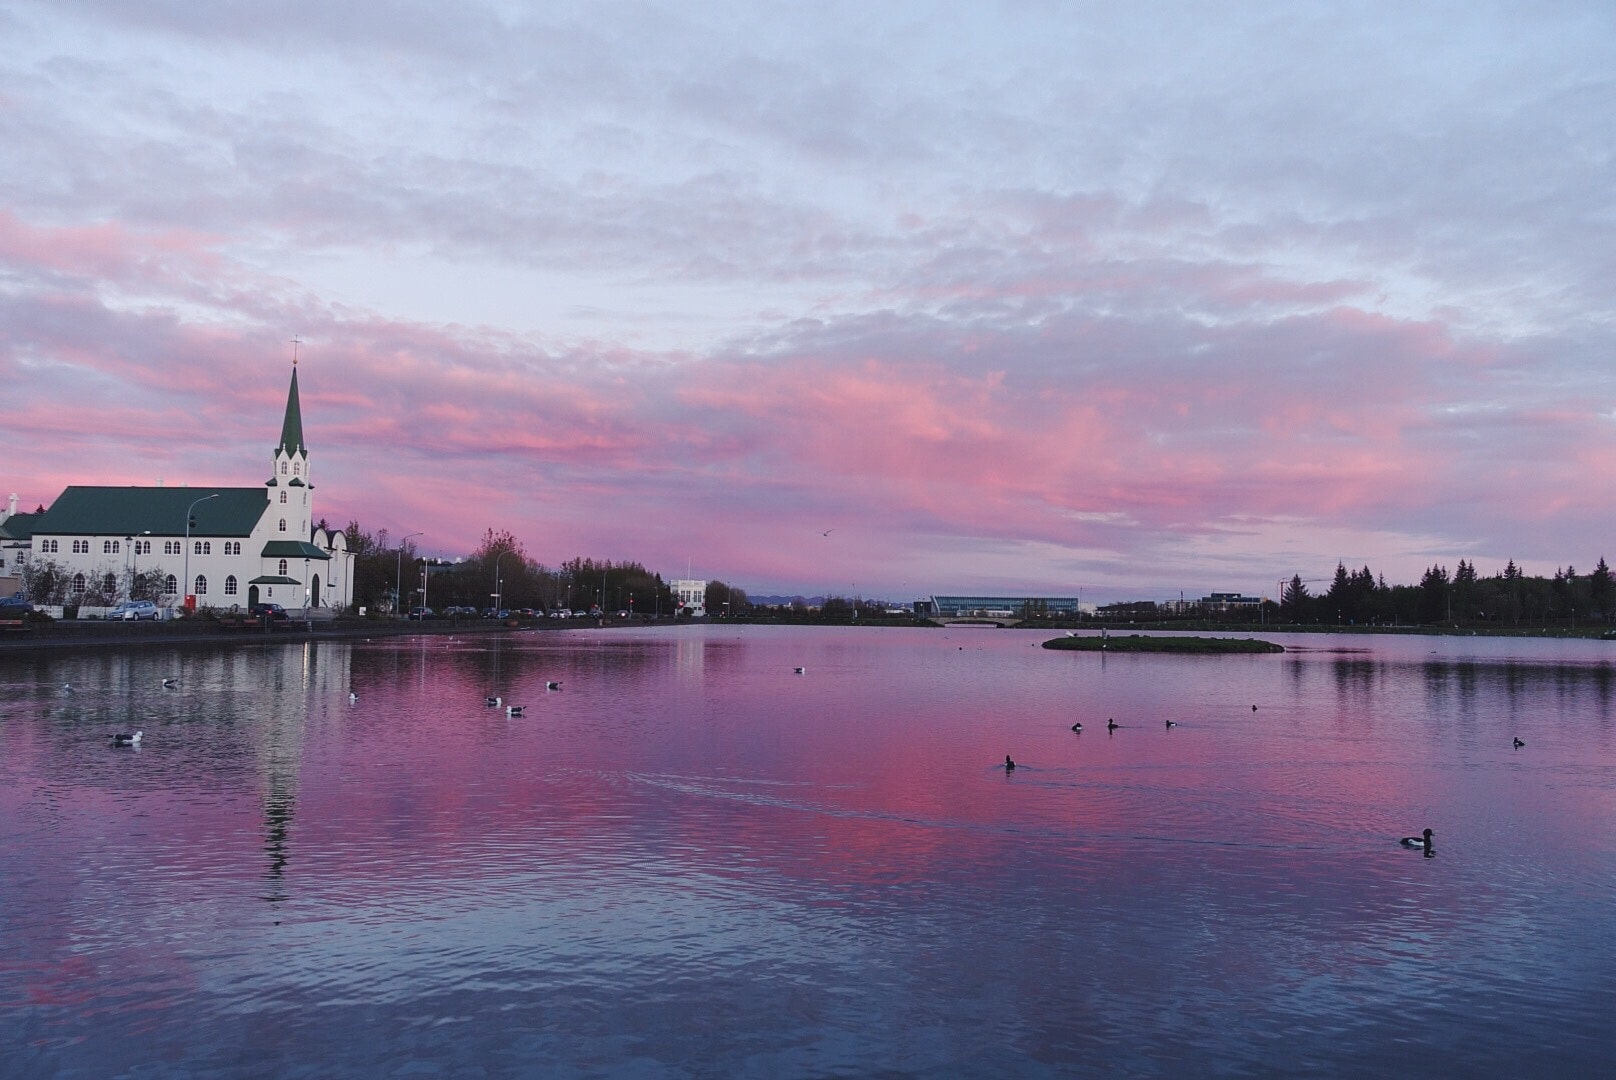 夏季午夜阳光下的冰岛雷克雅未克托宁湖